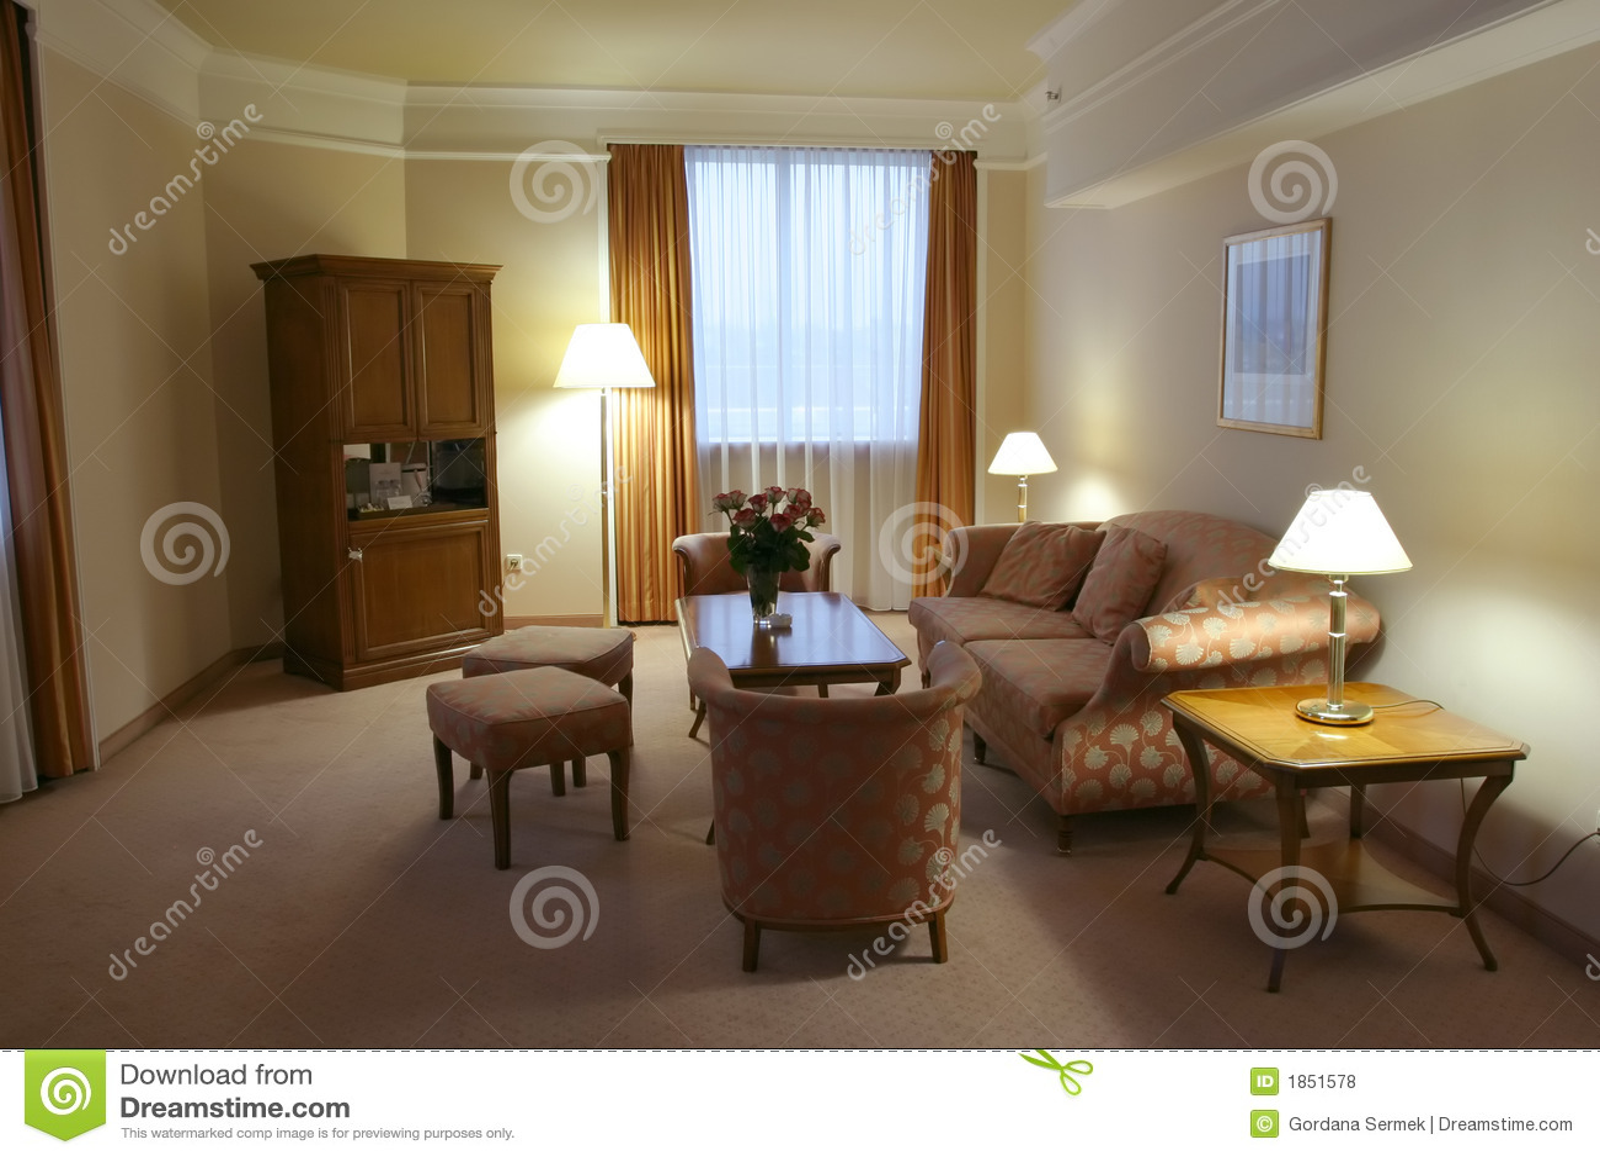 Decorazione moderna della camera da letto fotografia stock - Descrizione della camera da letto ...